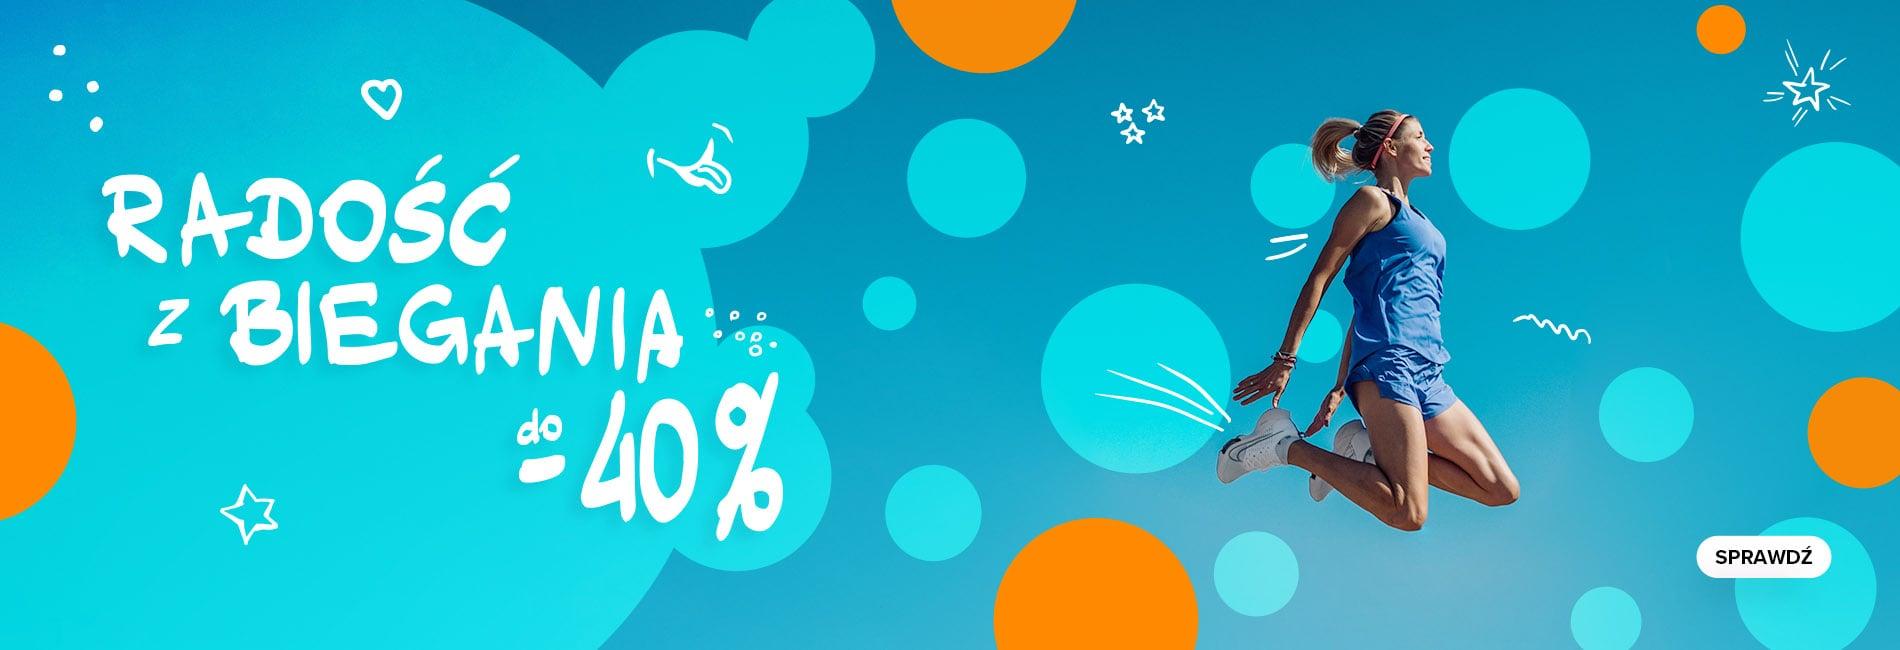 Sklep Biegacza: do 40% rabatu na odzież, obuwie oraz sprzęt do biegania - promocja na Dzień Dziecka - radość z  biegania